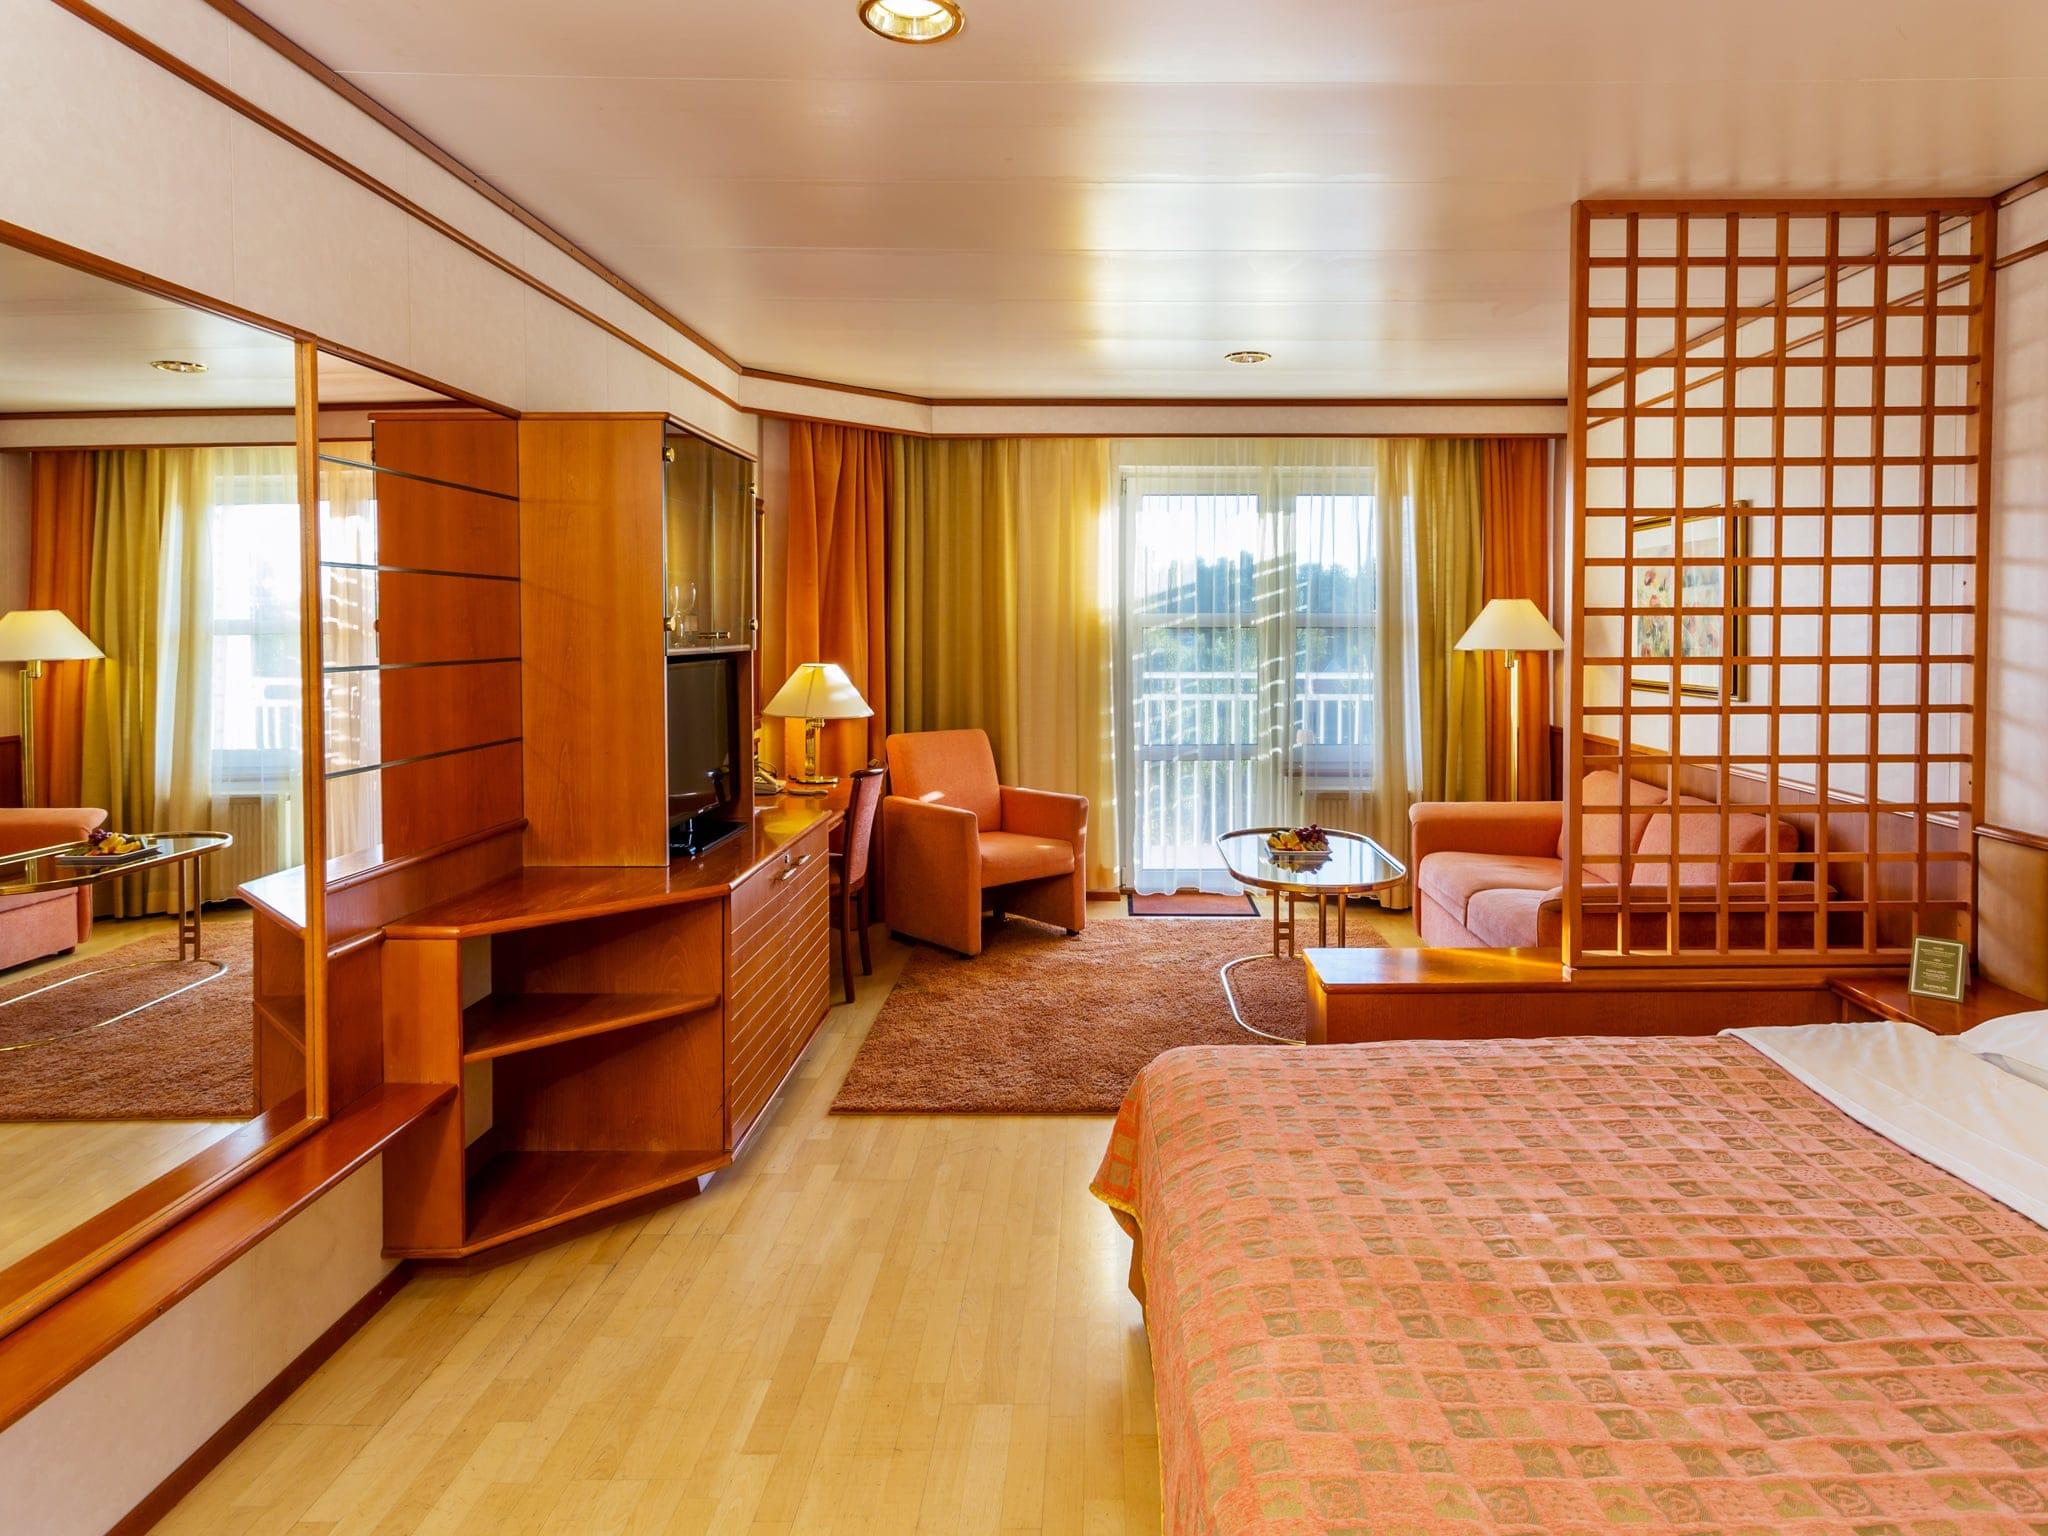 ナーンタリスパホテル客室イメージ